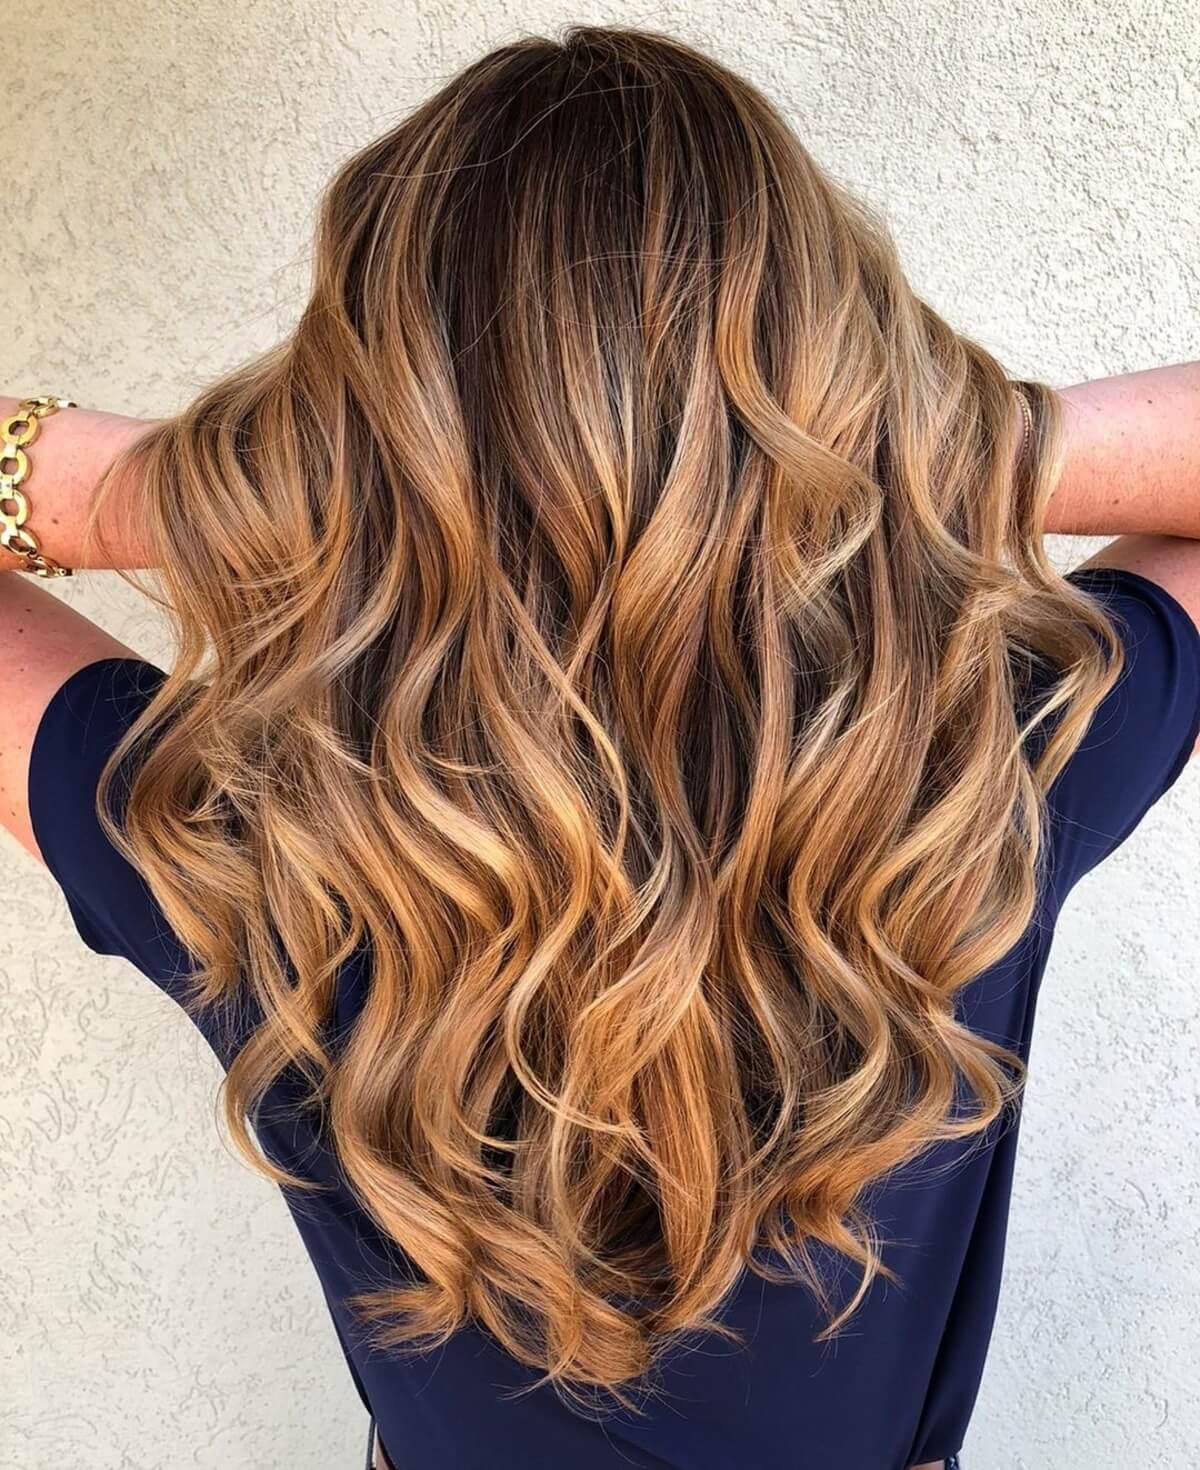 Cheveux bruns foncés avec des reflets auburn et caramel.